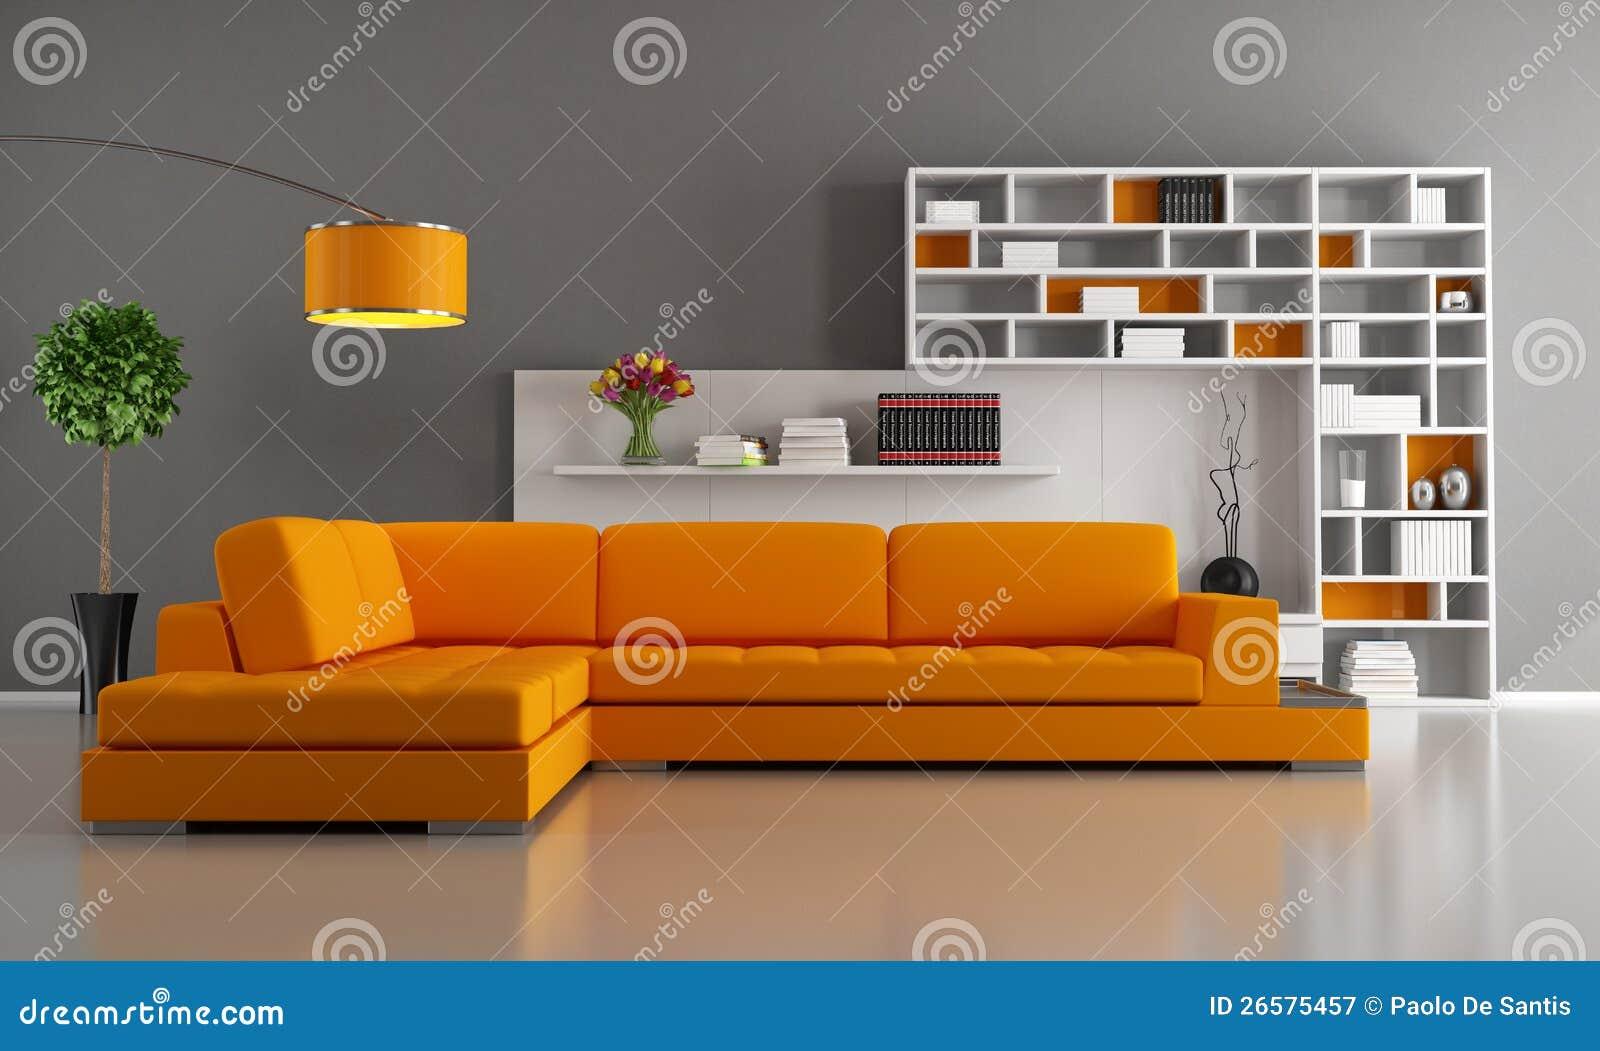 funvit.com | welche farbe passt zu einer schwarz weißen wohnwand - Wohnzimmer In Orange Braun Und Teakholz